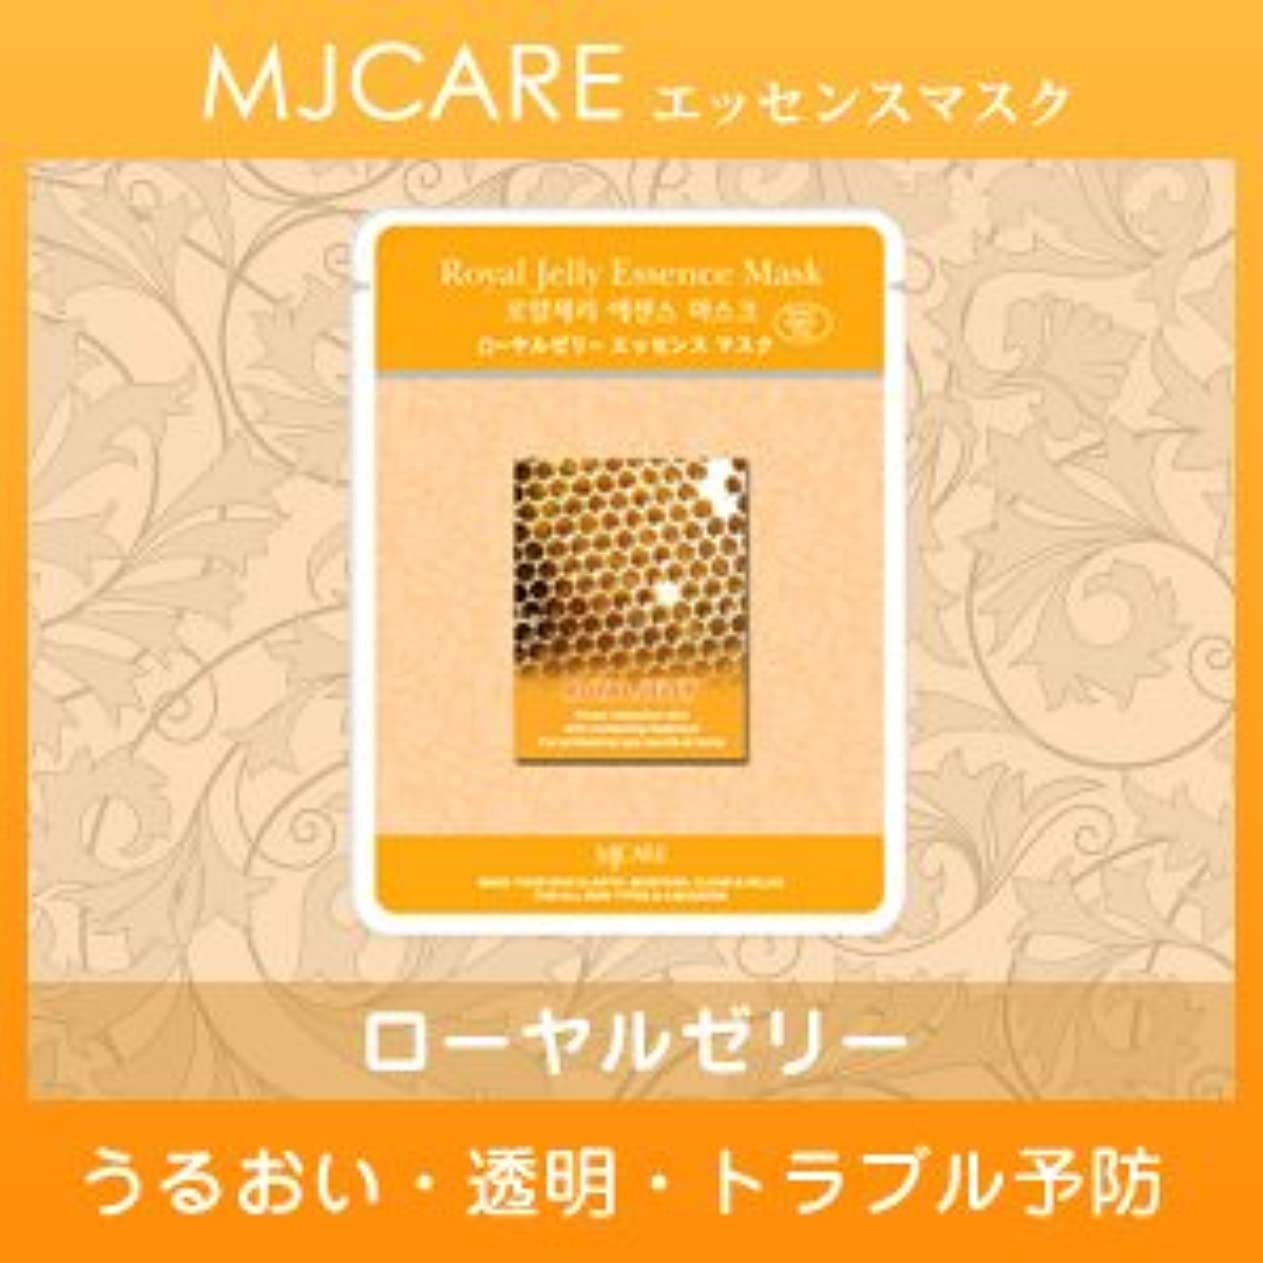 エゴマニア登録する高度MJCARE (エムジェイケア) ローヤルゼリー エッセンスマスク